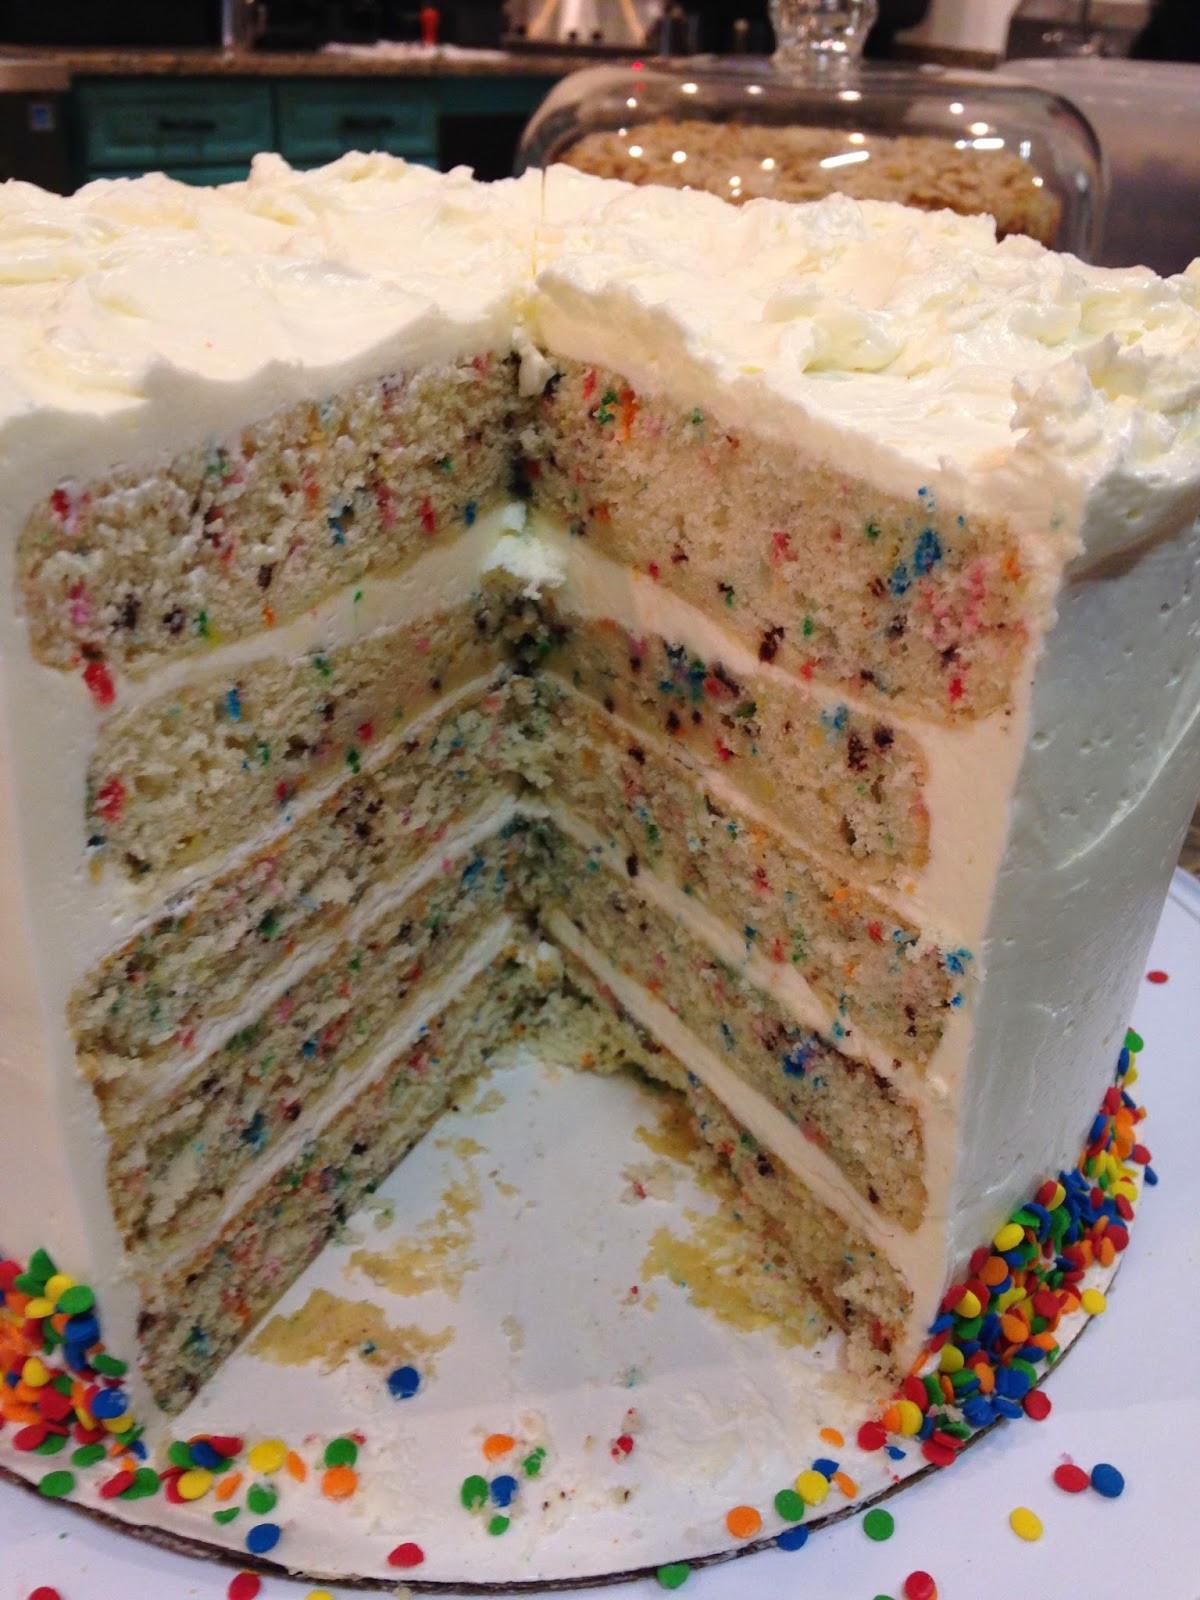 Confetti Cake Recipe  My story in recipes Confetti Cake